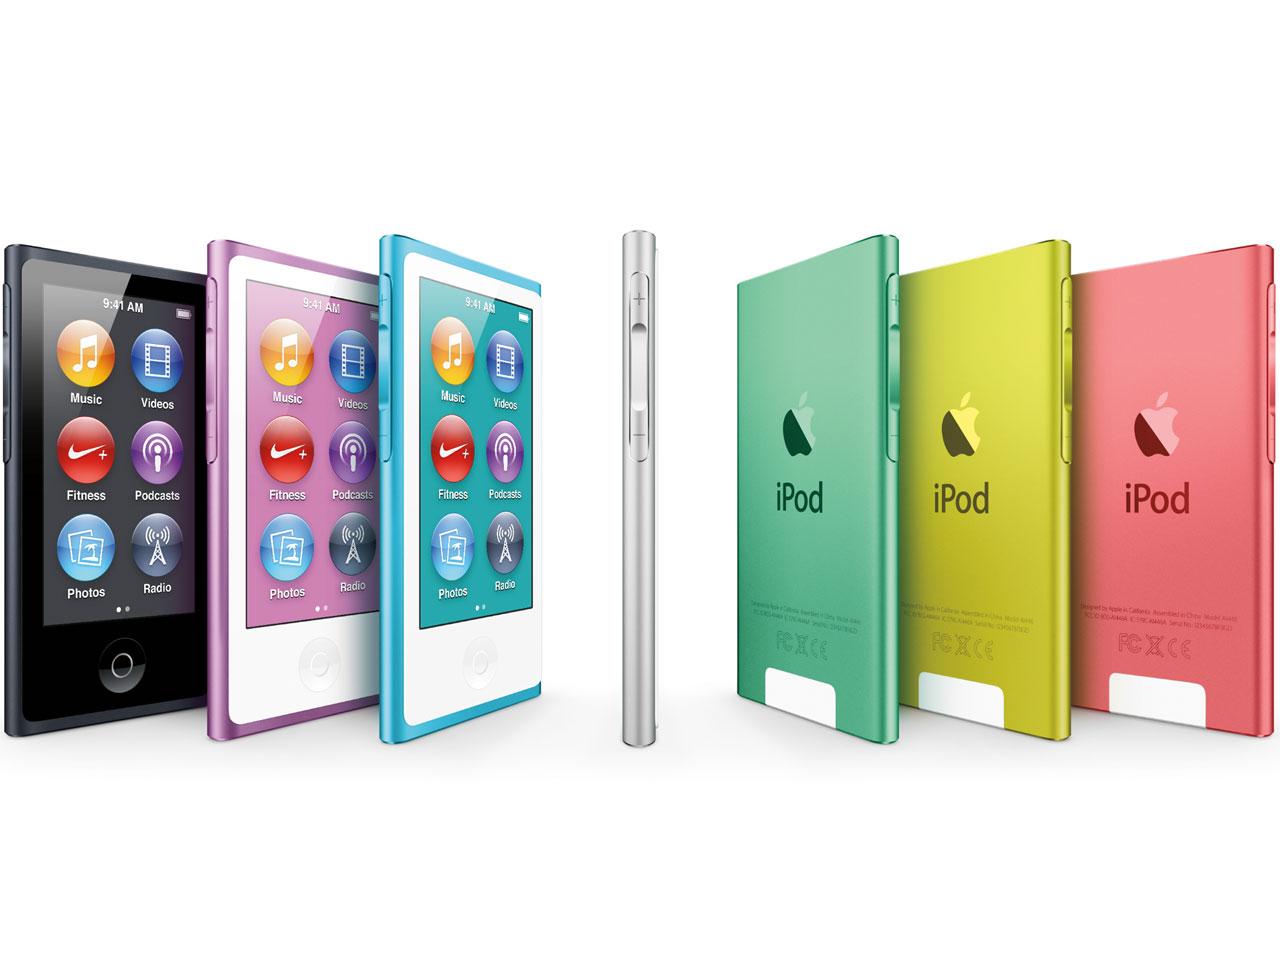 『カラーバリエーション1』 iPod nano MD476J/A [16GB イエロー] の製品画像